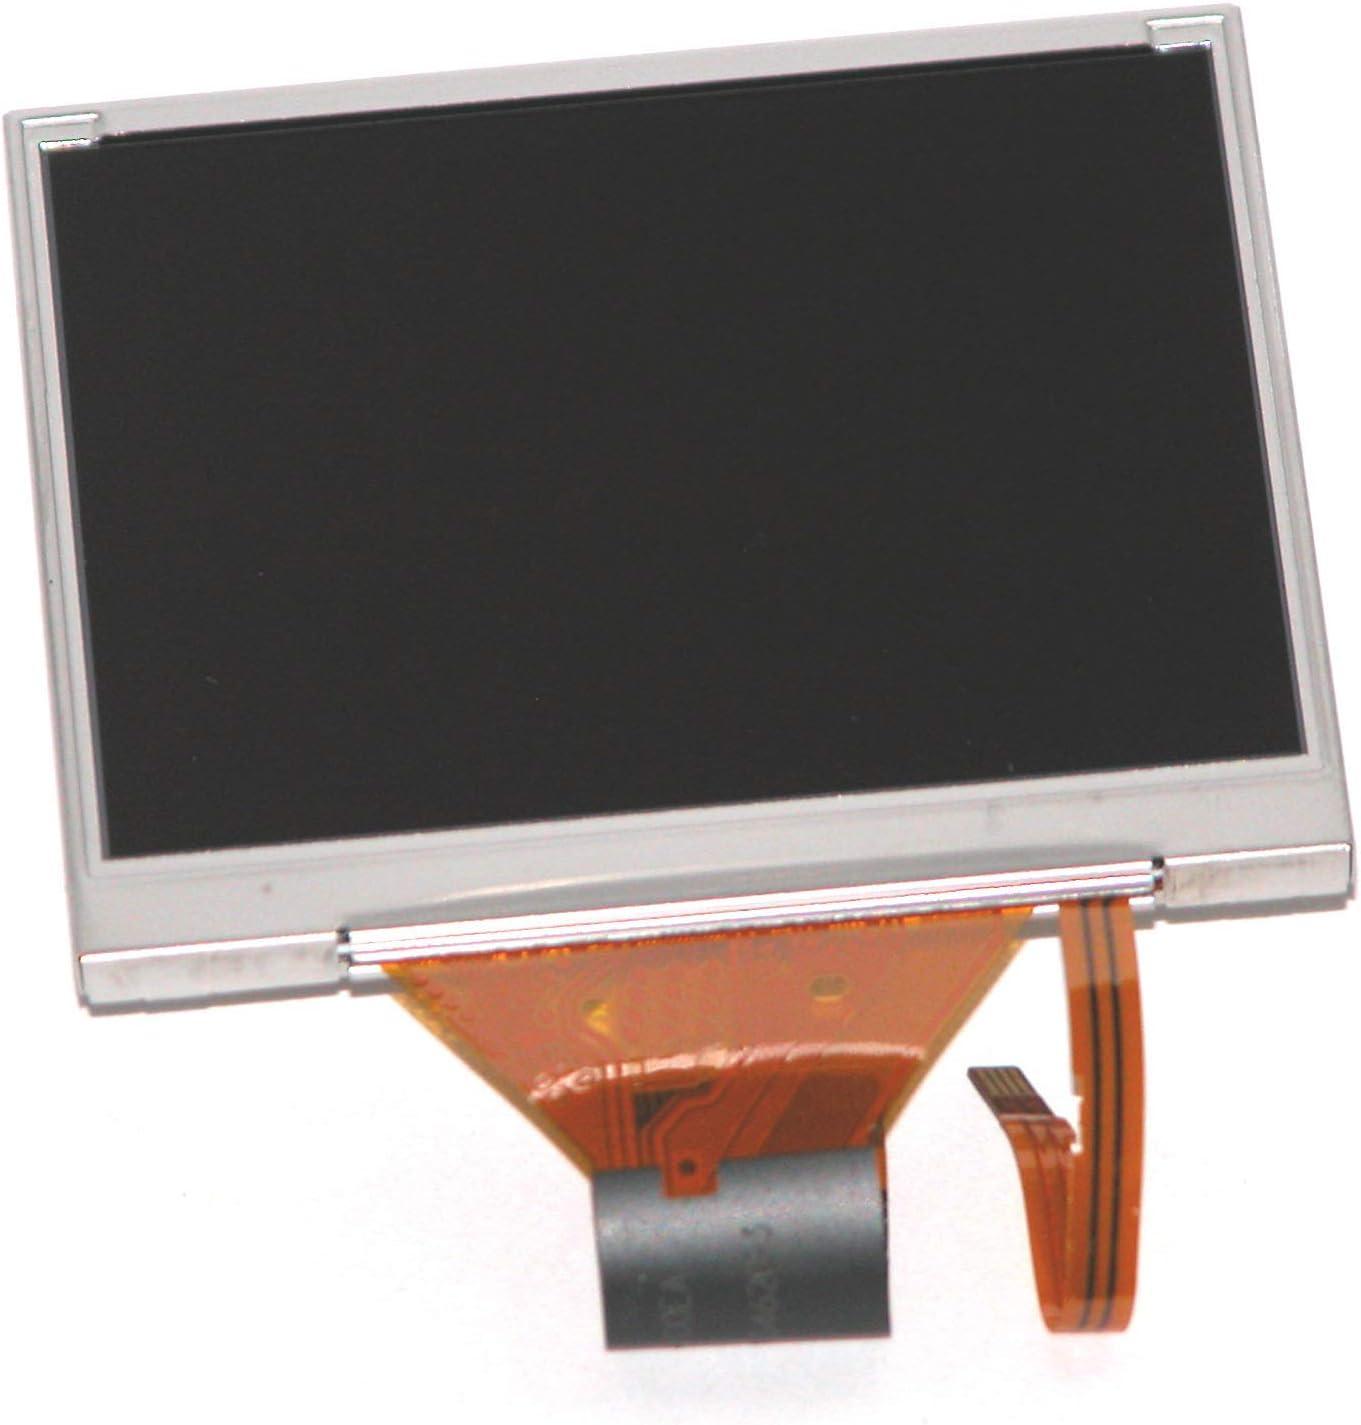 Replacement LCD Screen Display for Nikon D200 DSLR Camera Camera Repair Parts